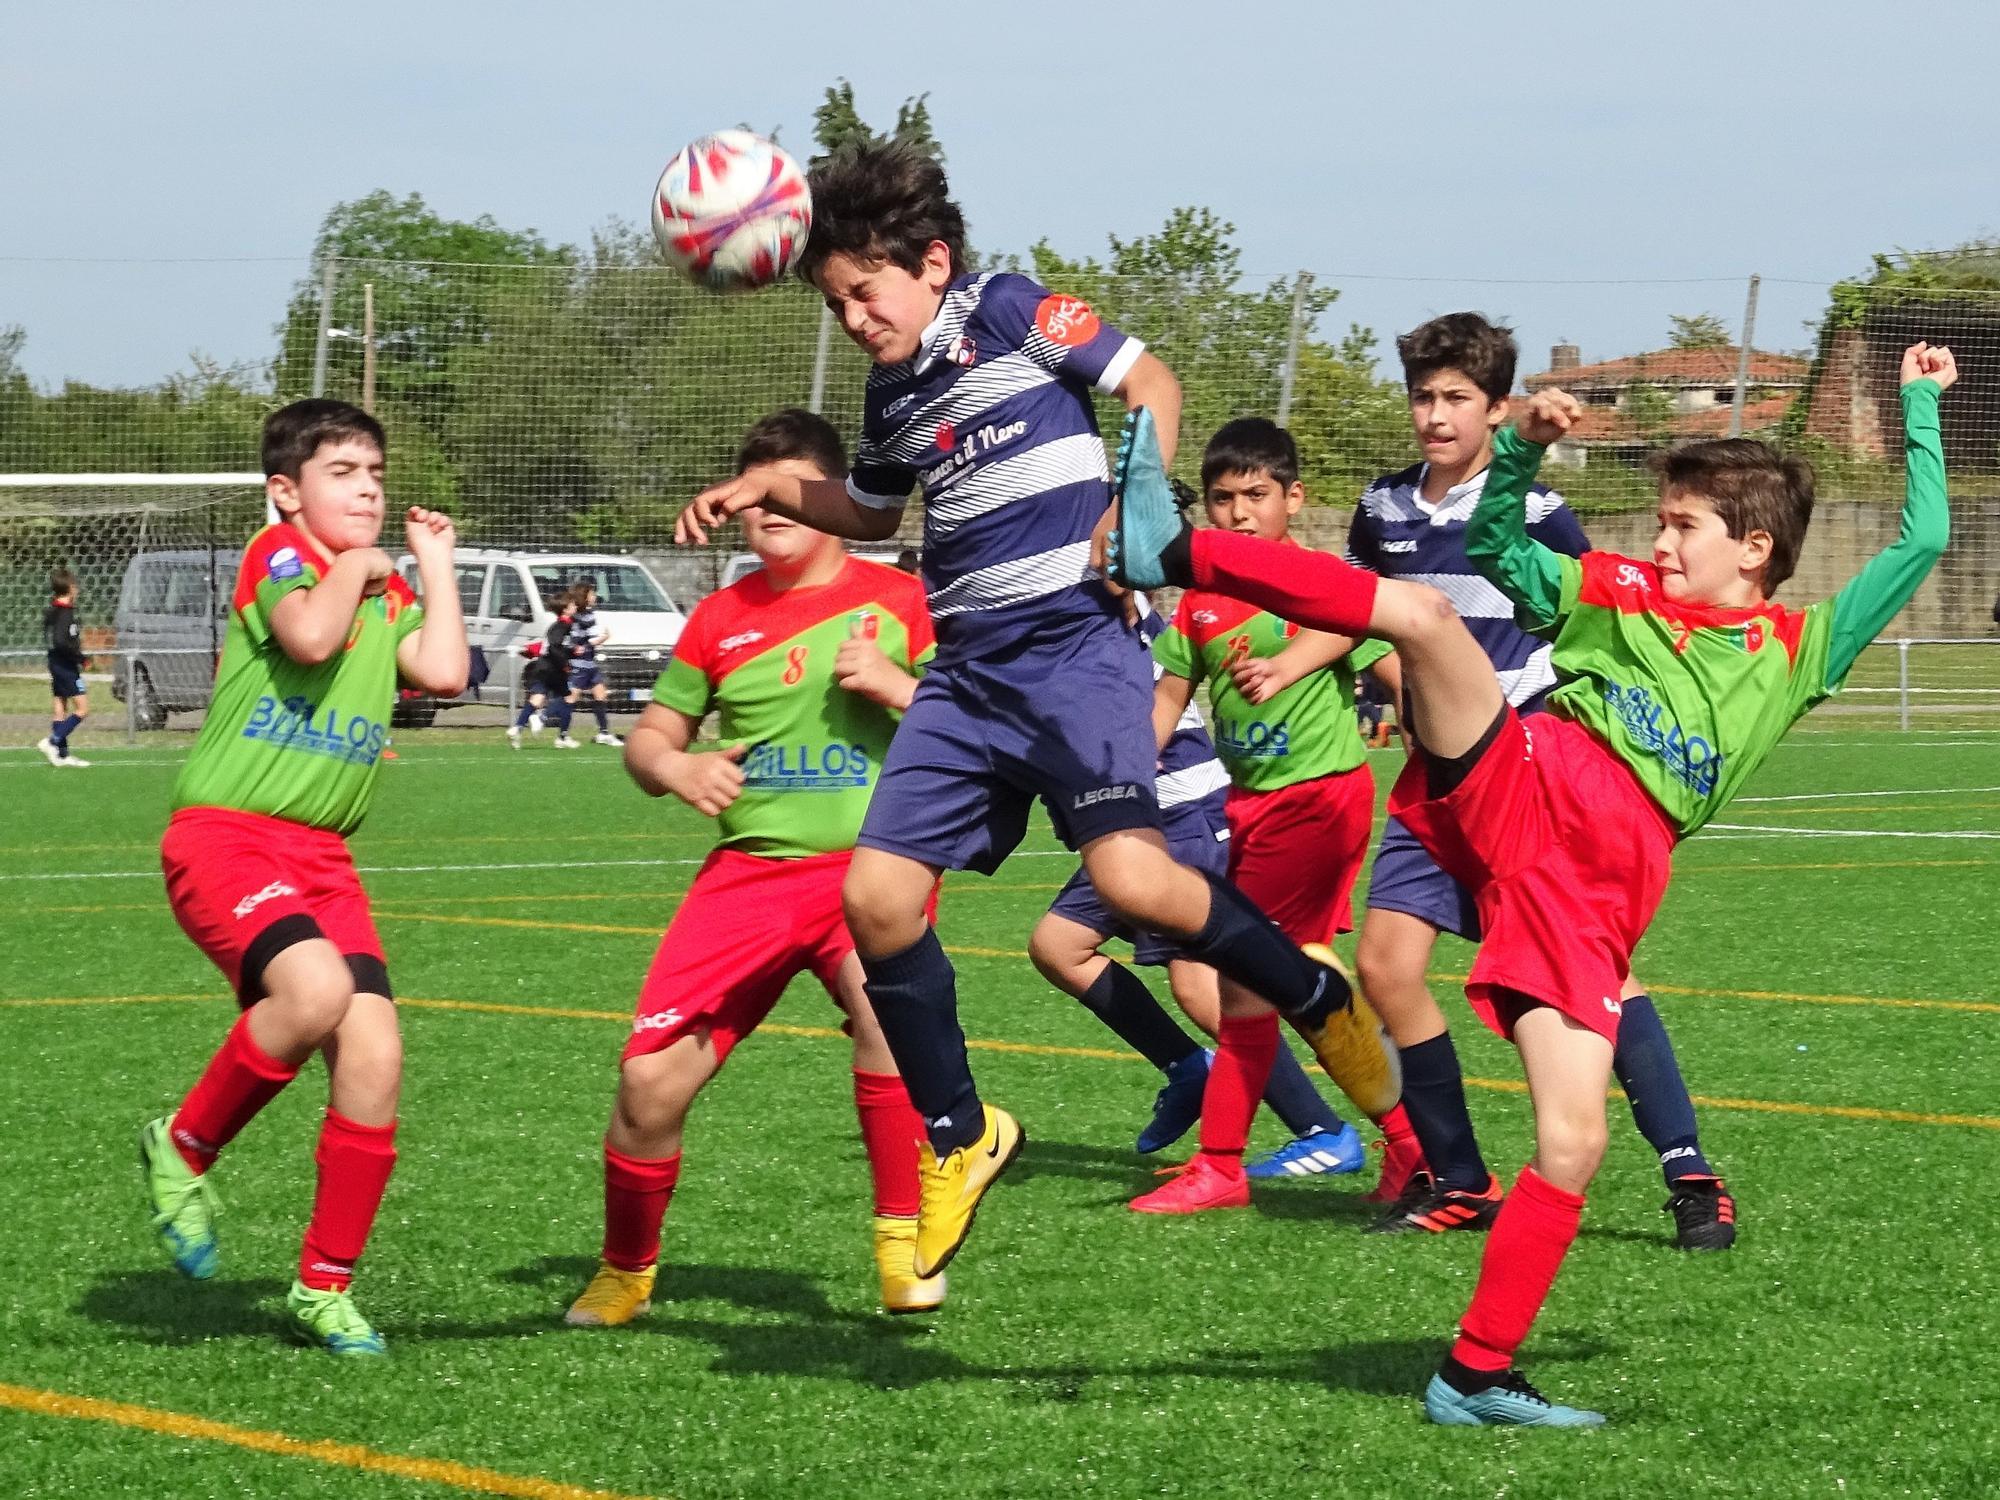 Así fue la vuelta del fútbol base en Asturias